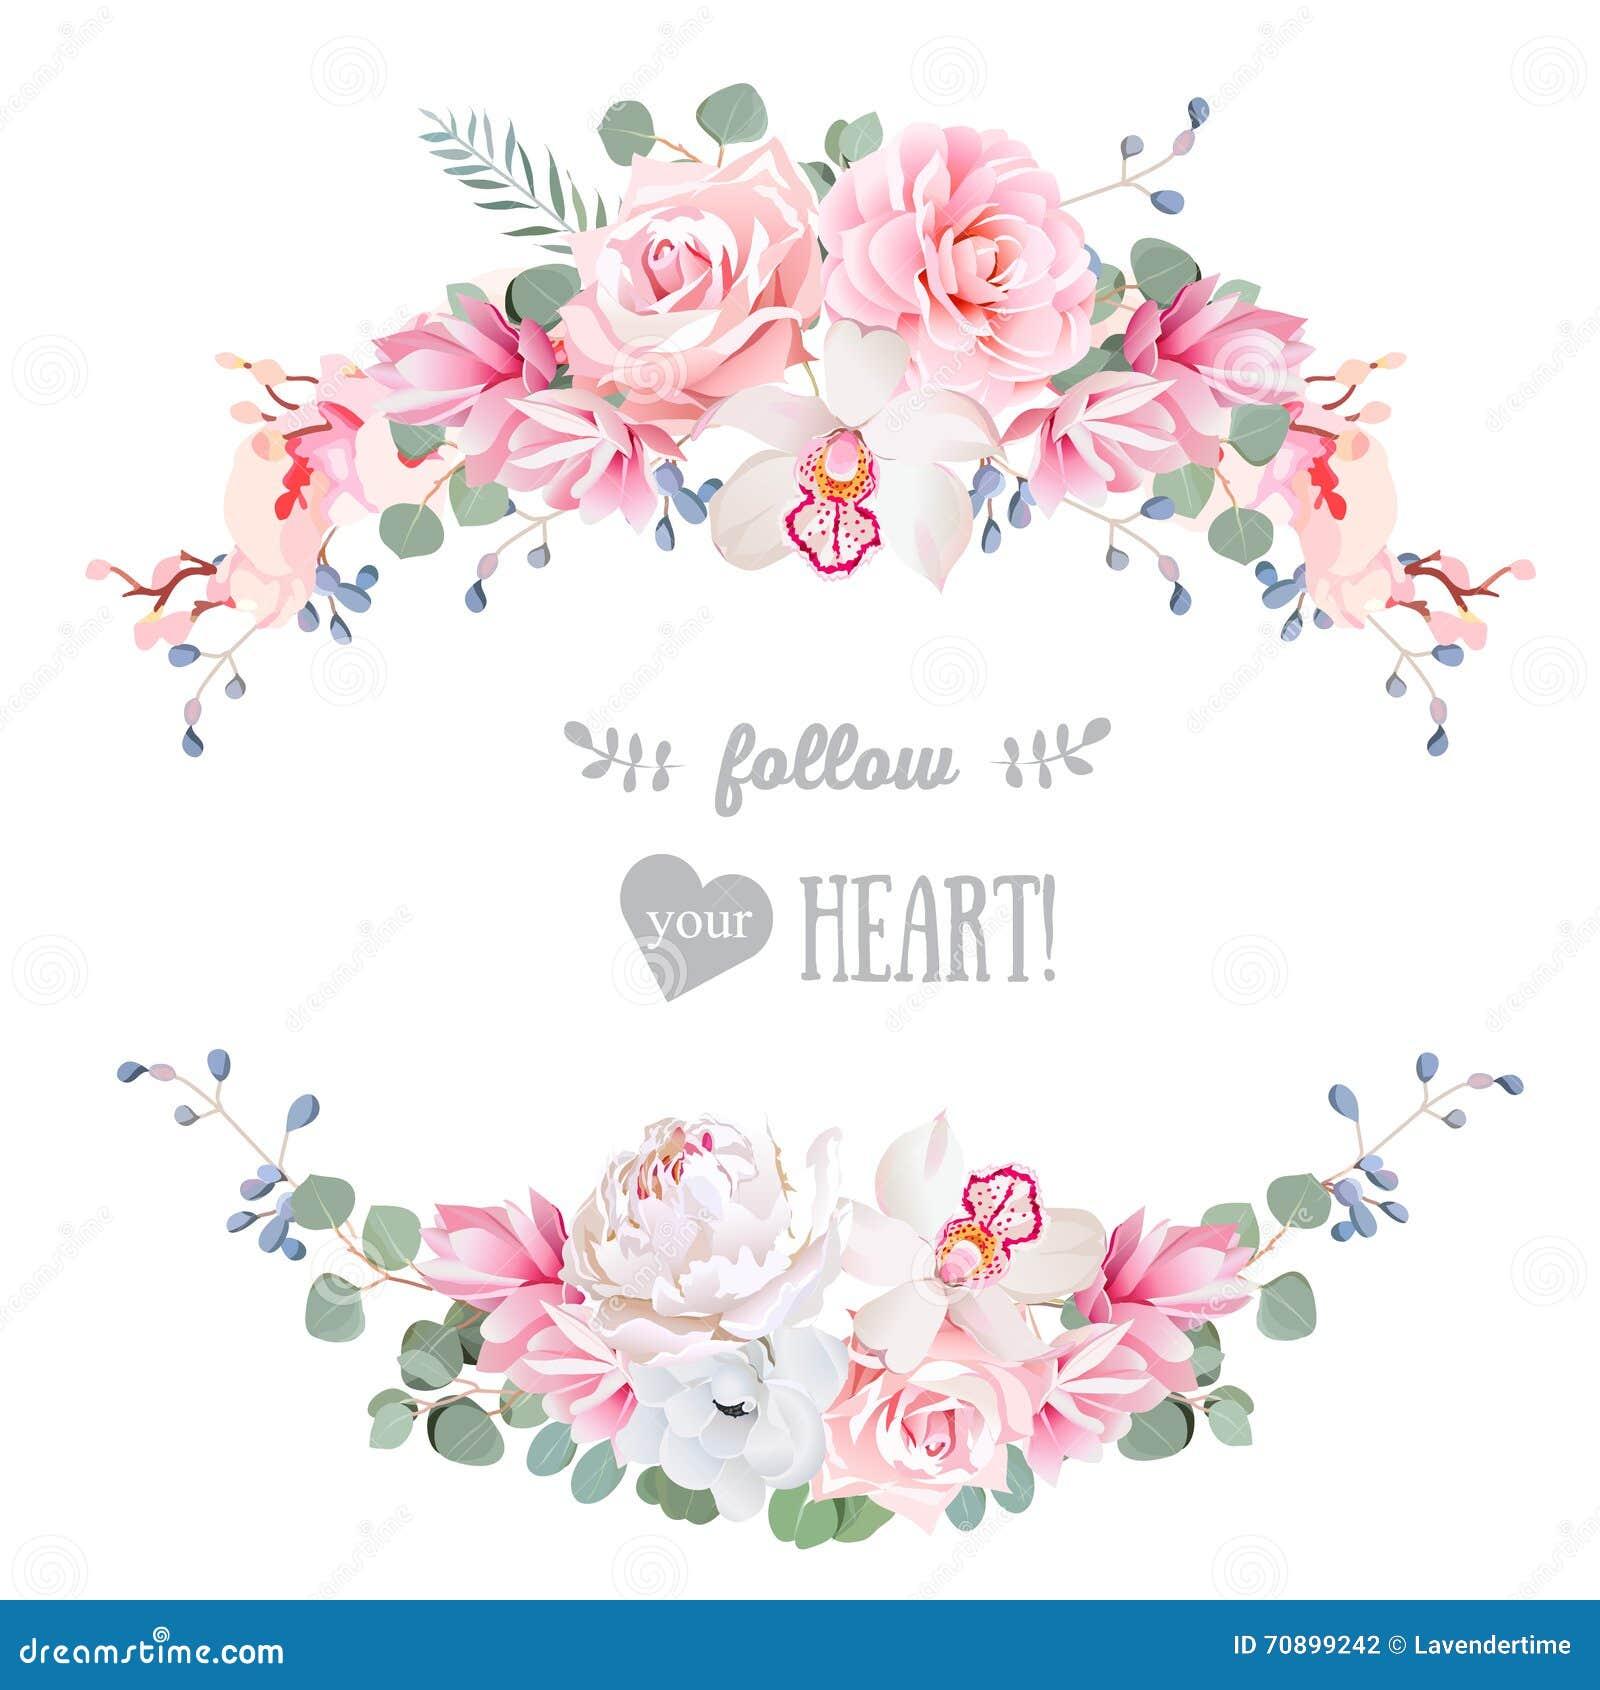 vektor designrahmen der netten hochzeit blumen rose pfingstrose orchidee anemone rosa blumen. Black Bedroom Furniture Sets. Home Design Ideas